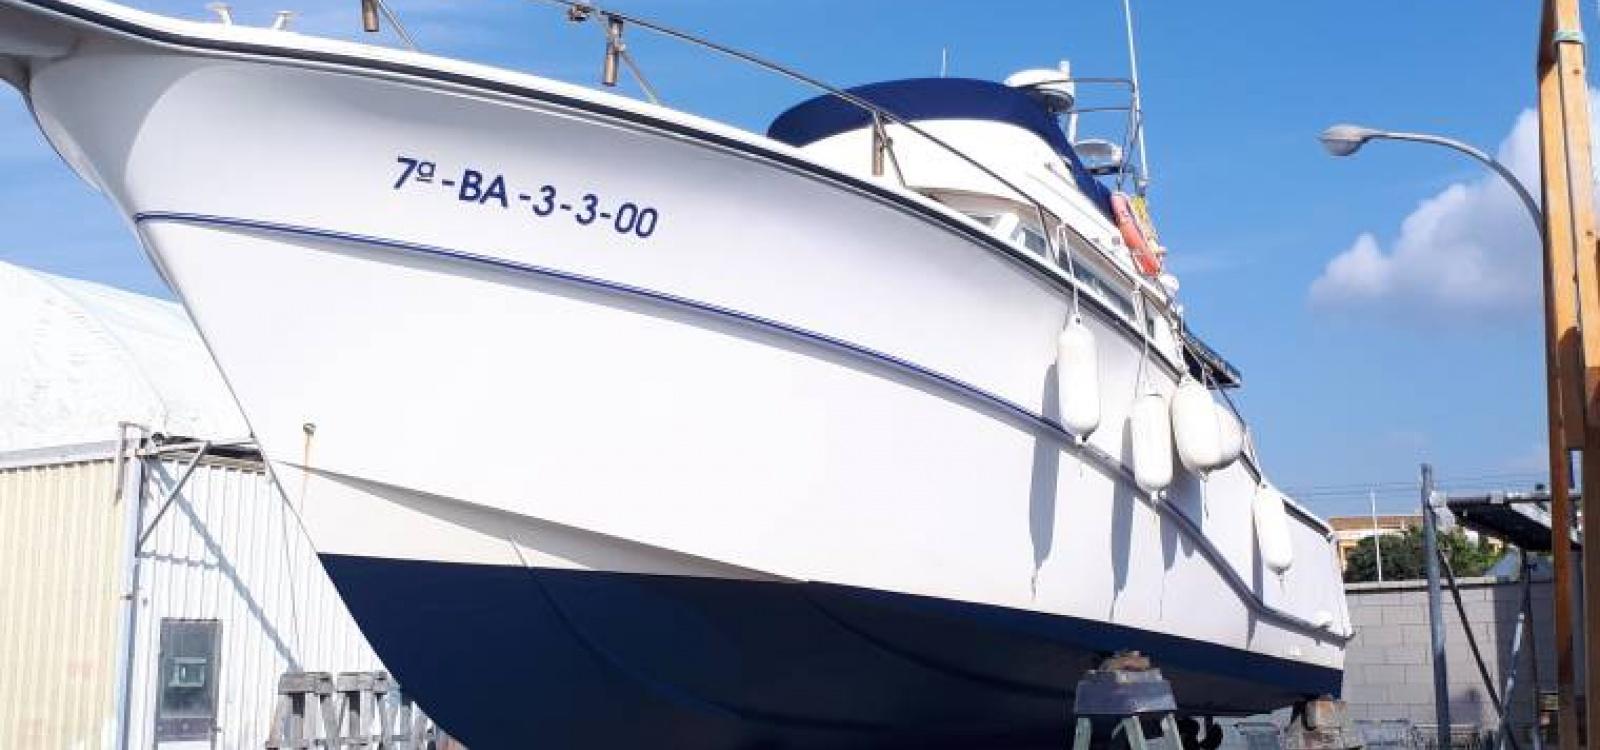 El Masnou,Barcelona,España,2 Habitaciones Habitaciones,1 BañoLavabos,Barco de Pesca / Paseo,2106